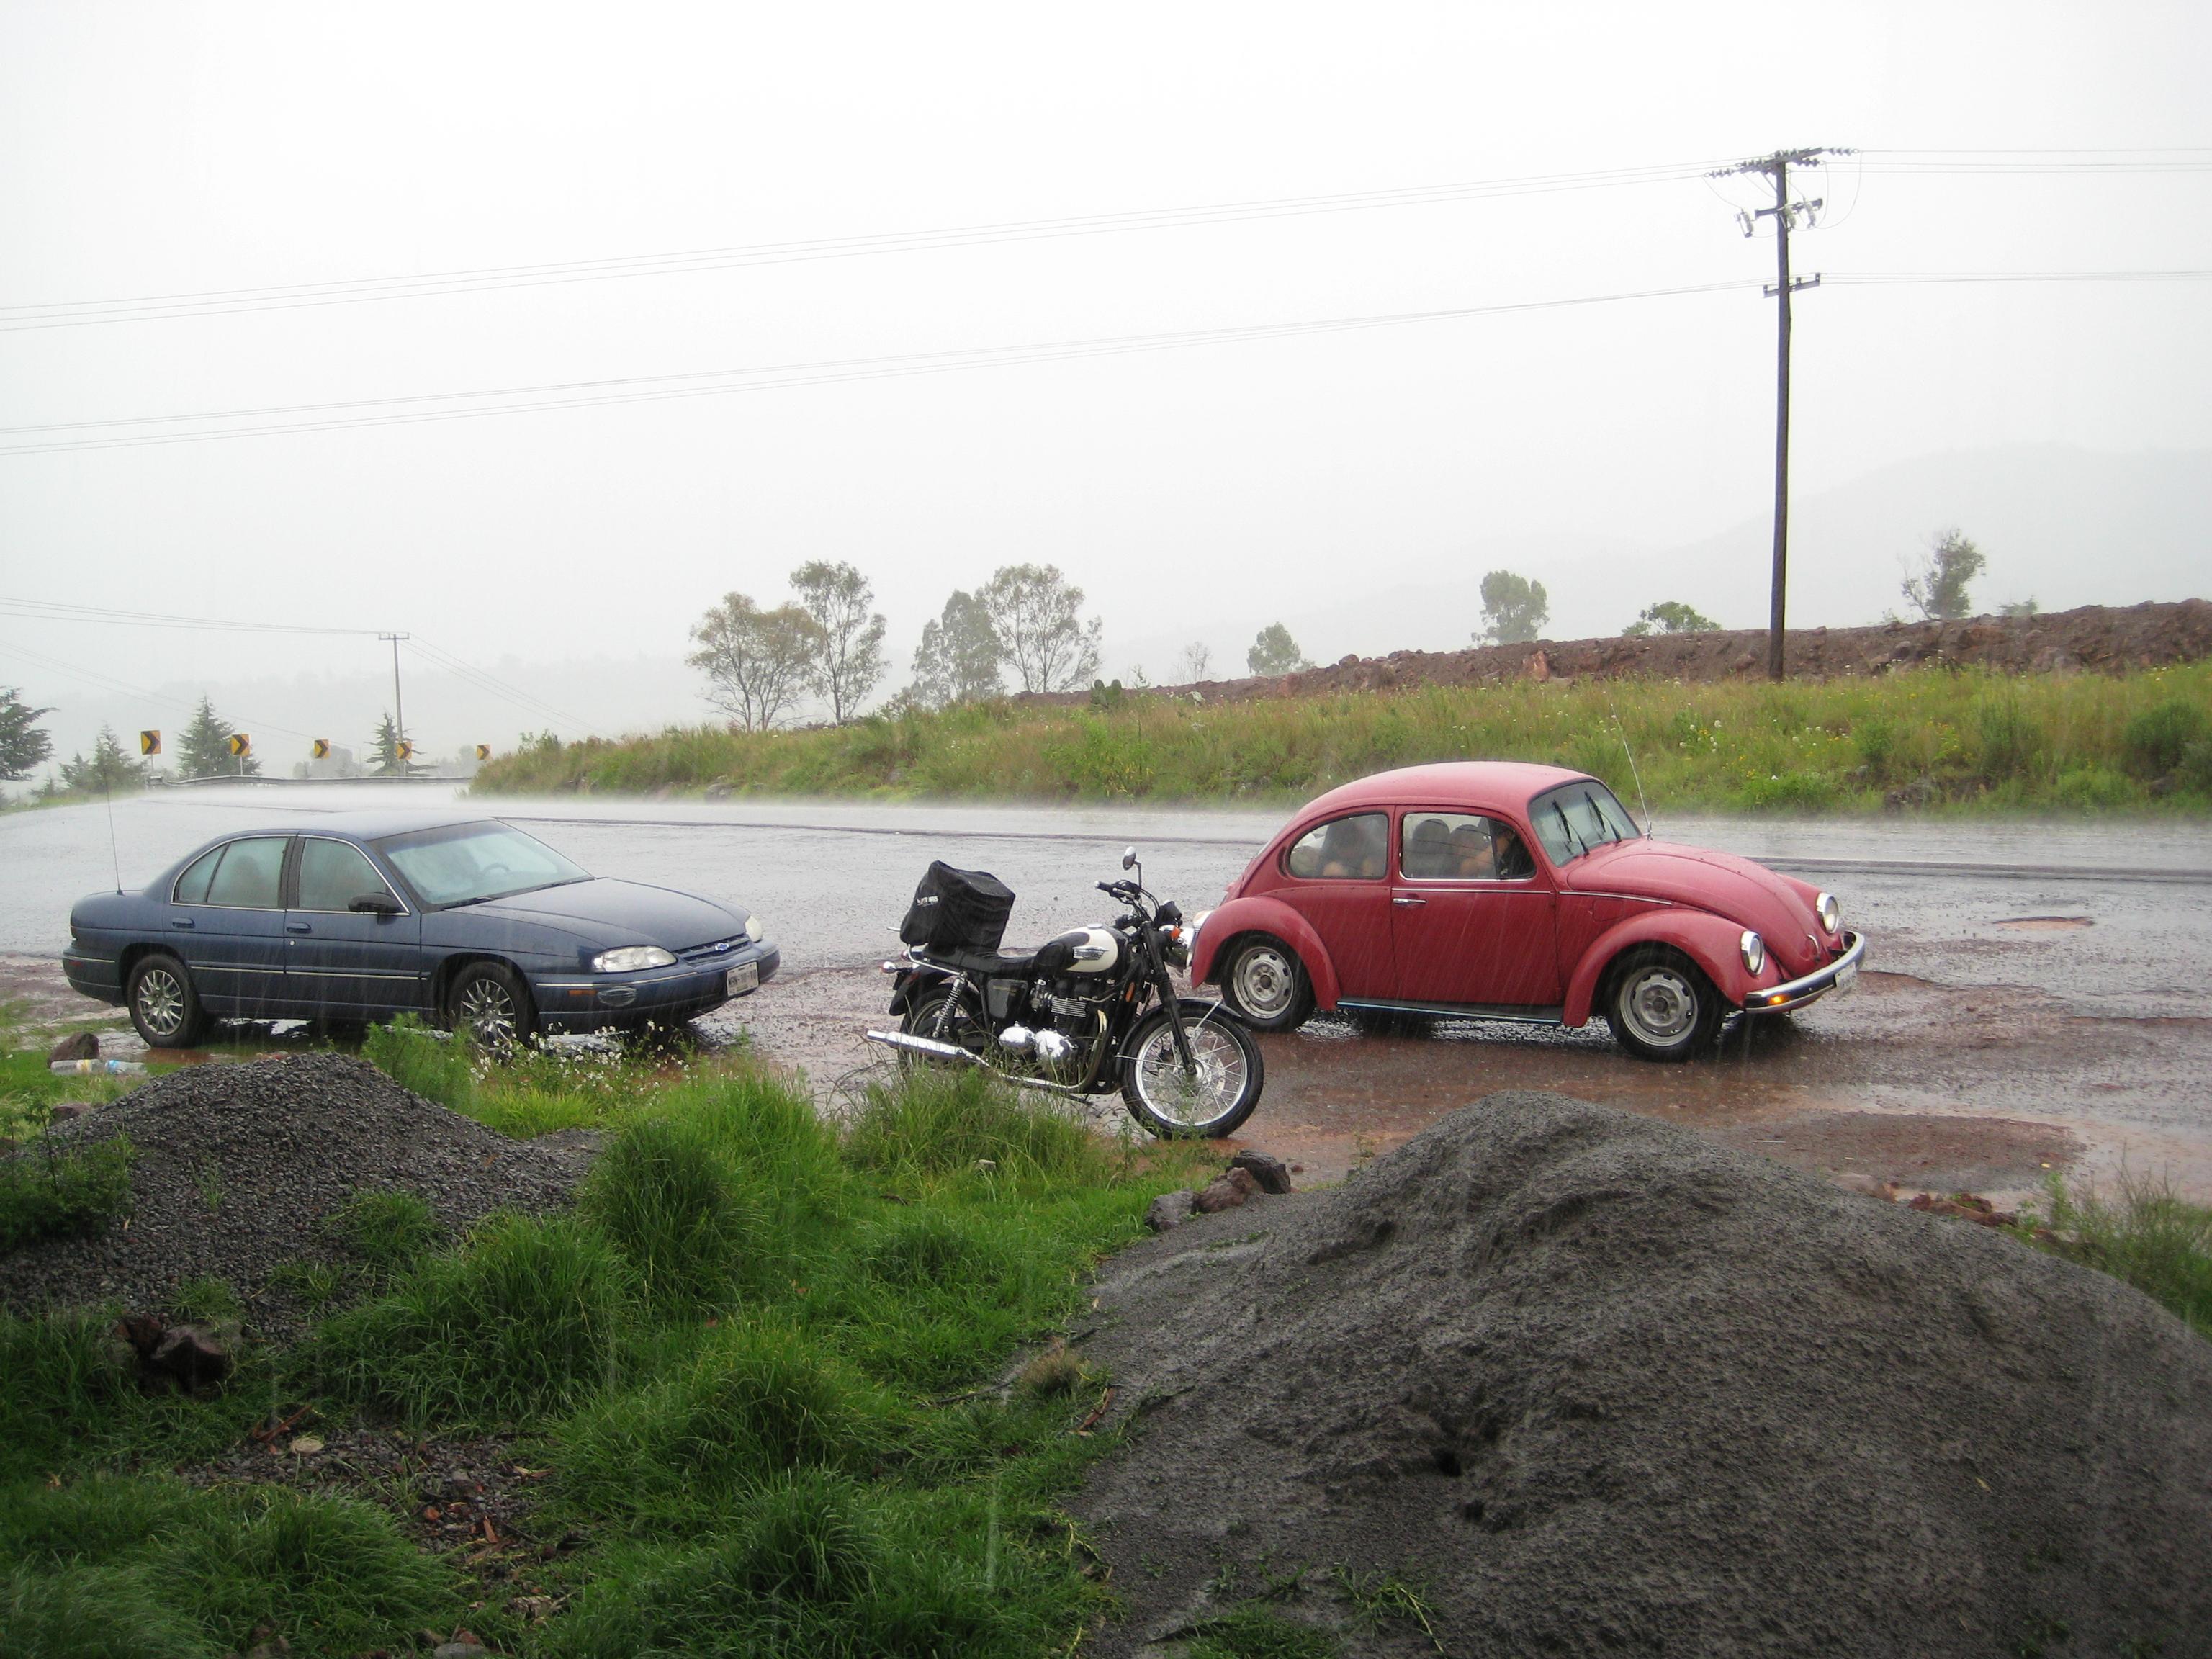 Chevy y Vocho acompañan a la Bonnie